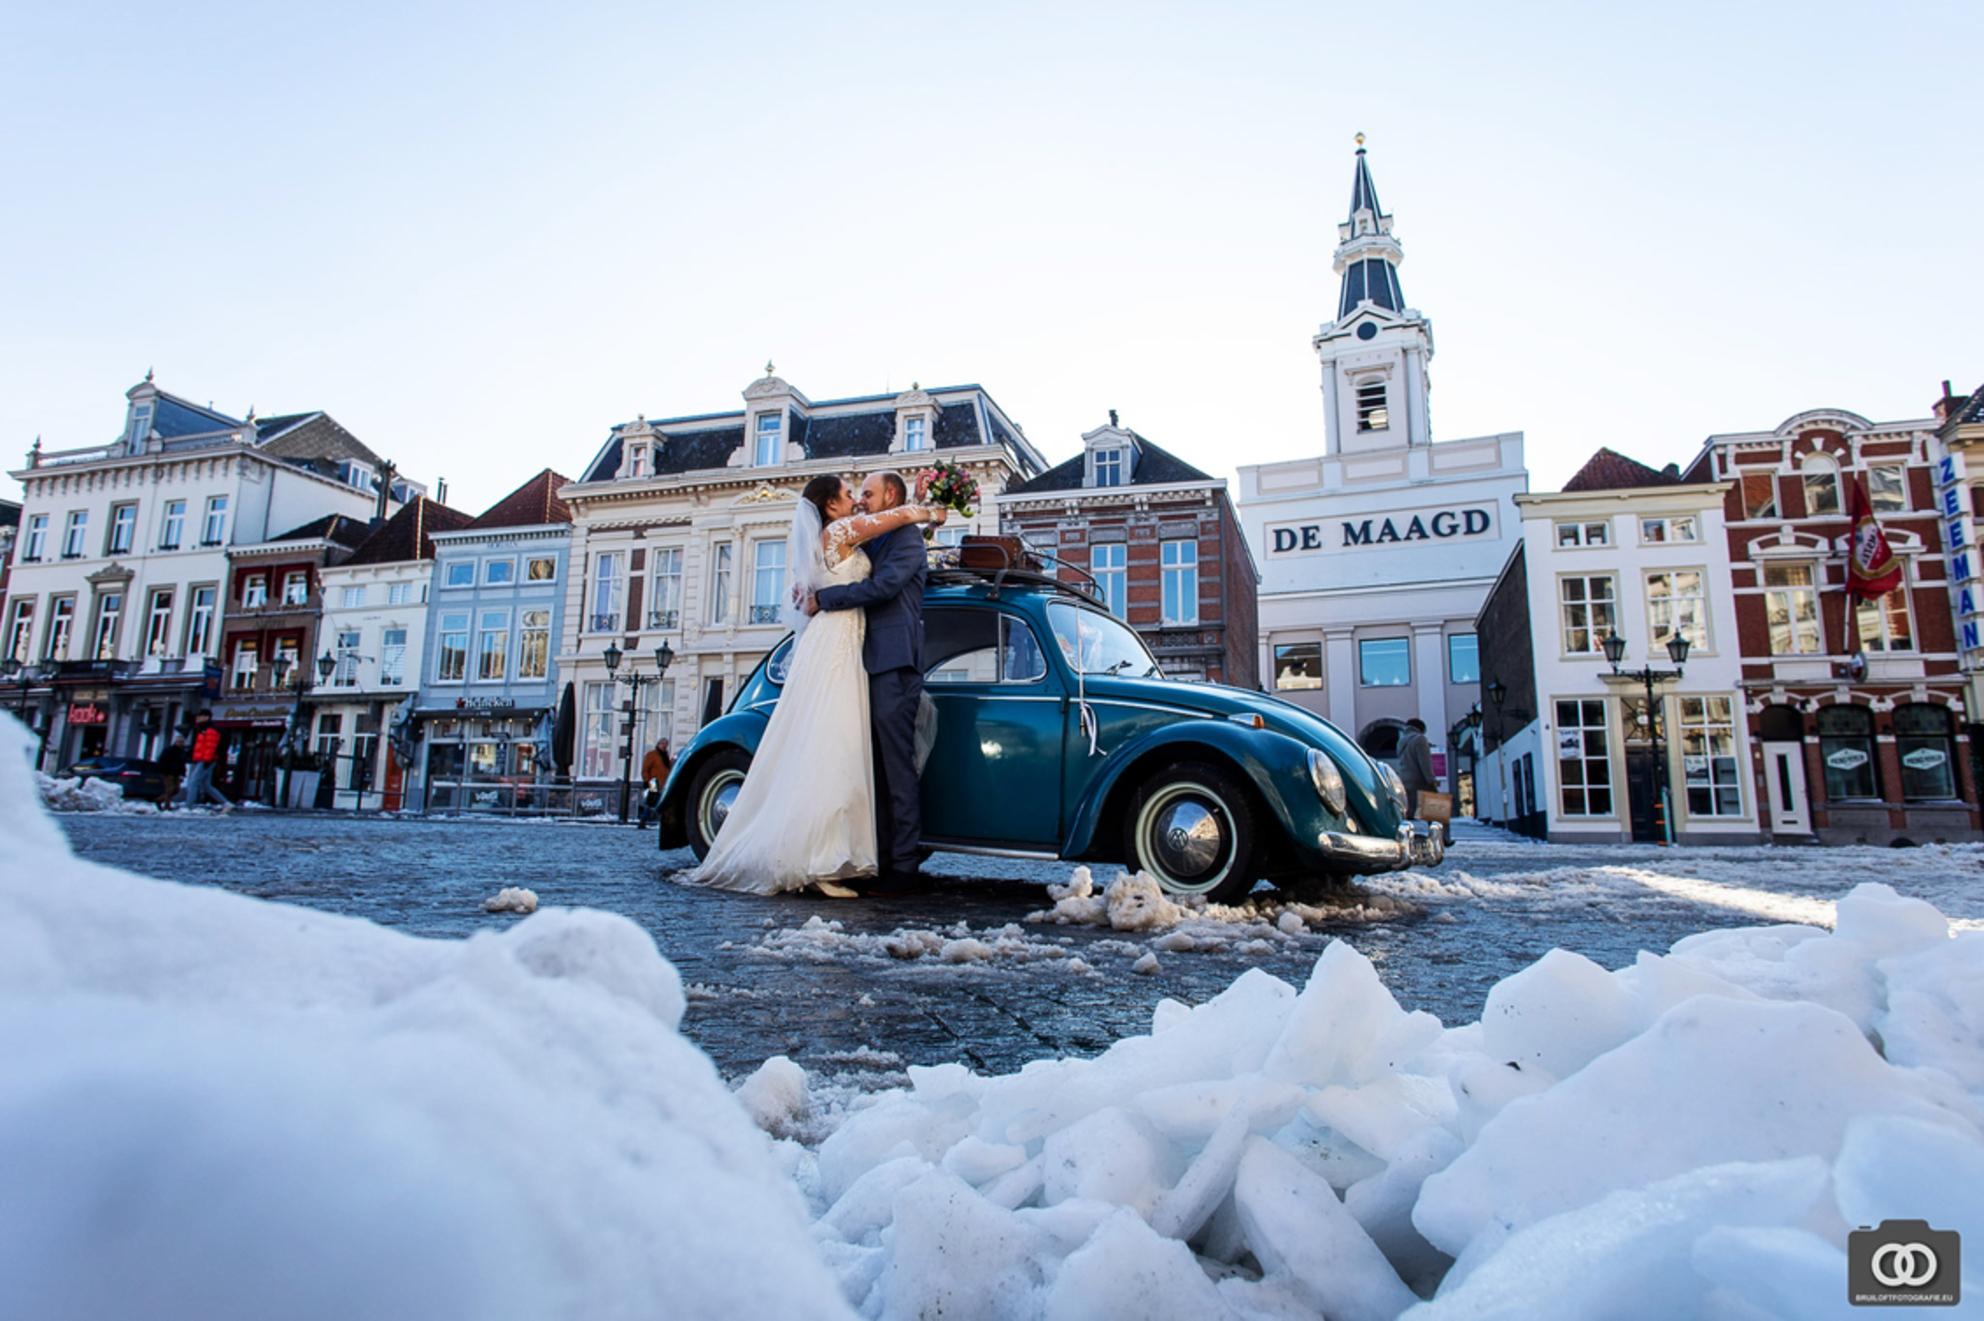 trouwen in de sneeuw - Wat was het koud! - foto door robinlooy op 12-02-2021 - deze foto bevat: trouwen, kever, sneeuw, winter, bruiloft, bruidspaar, volkswagen, trouwfotografie, Bergen op Zoom, trouwfotograaf - Deze foto mag gebruikt worden in een Zoom.nl publicatie